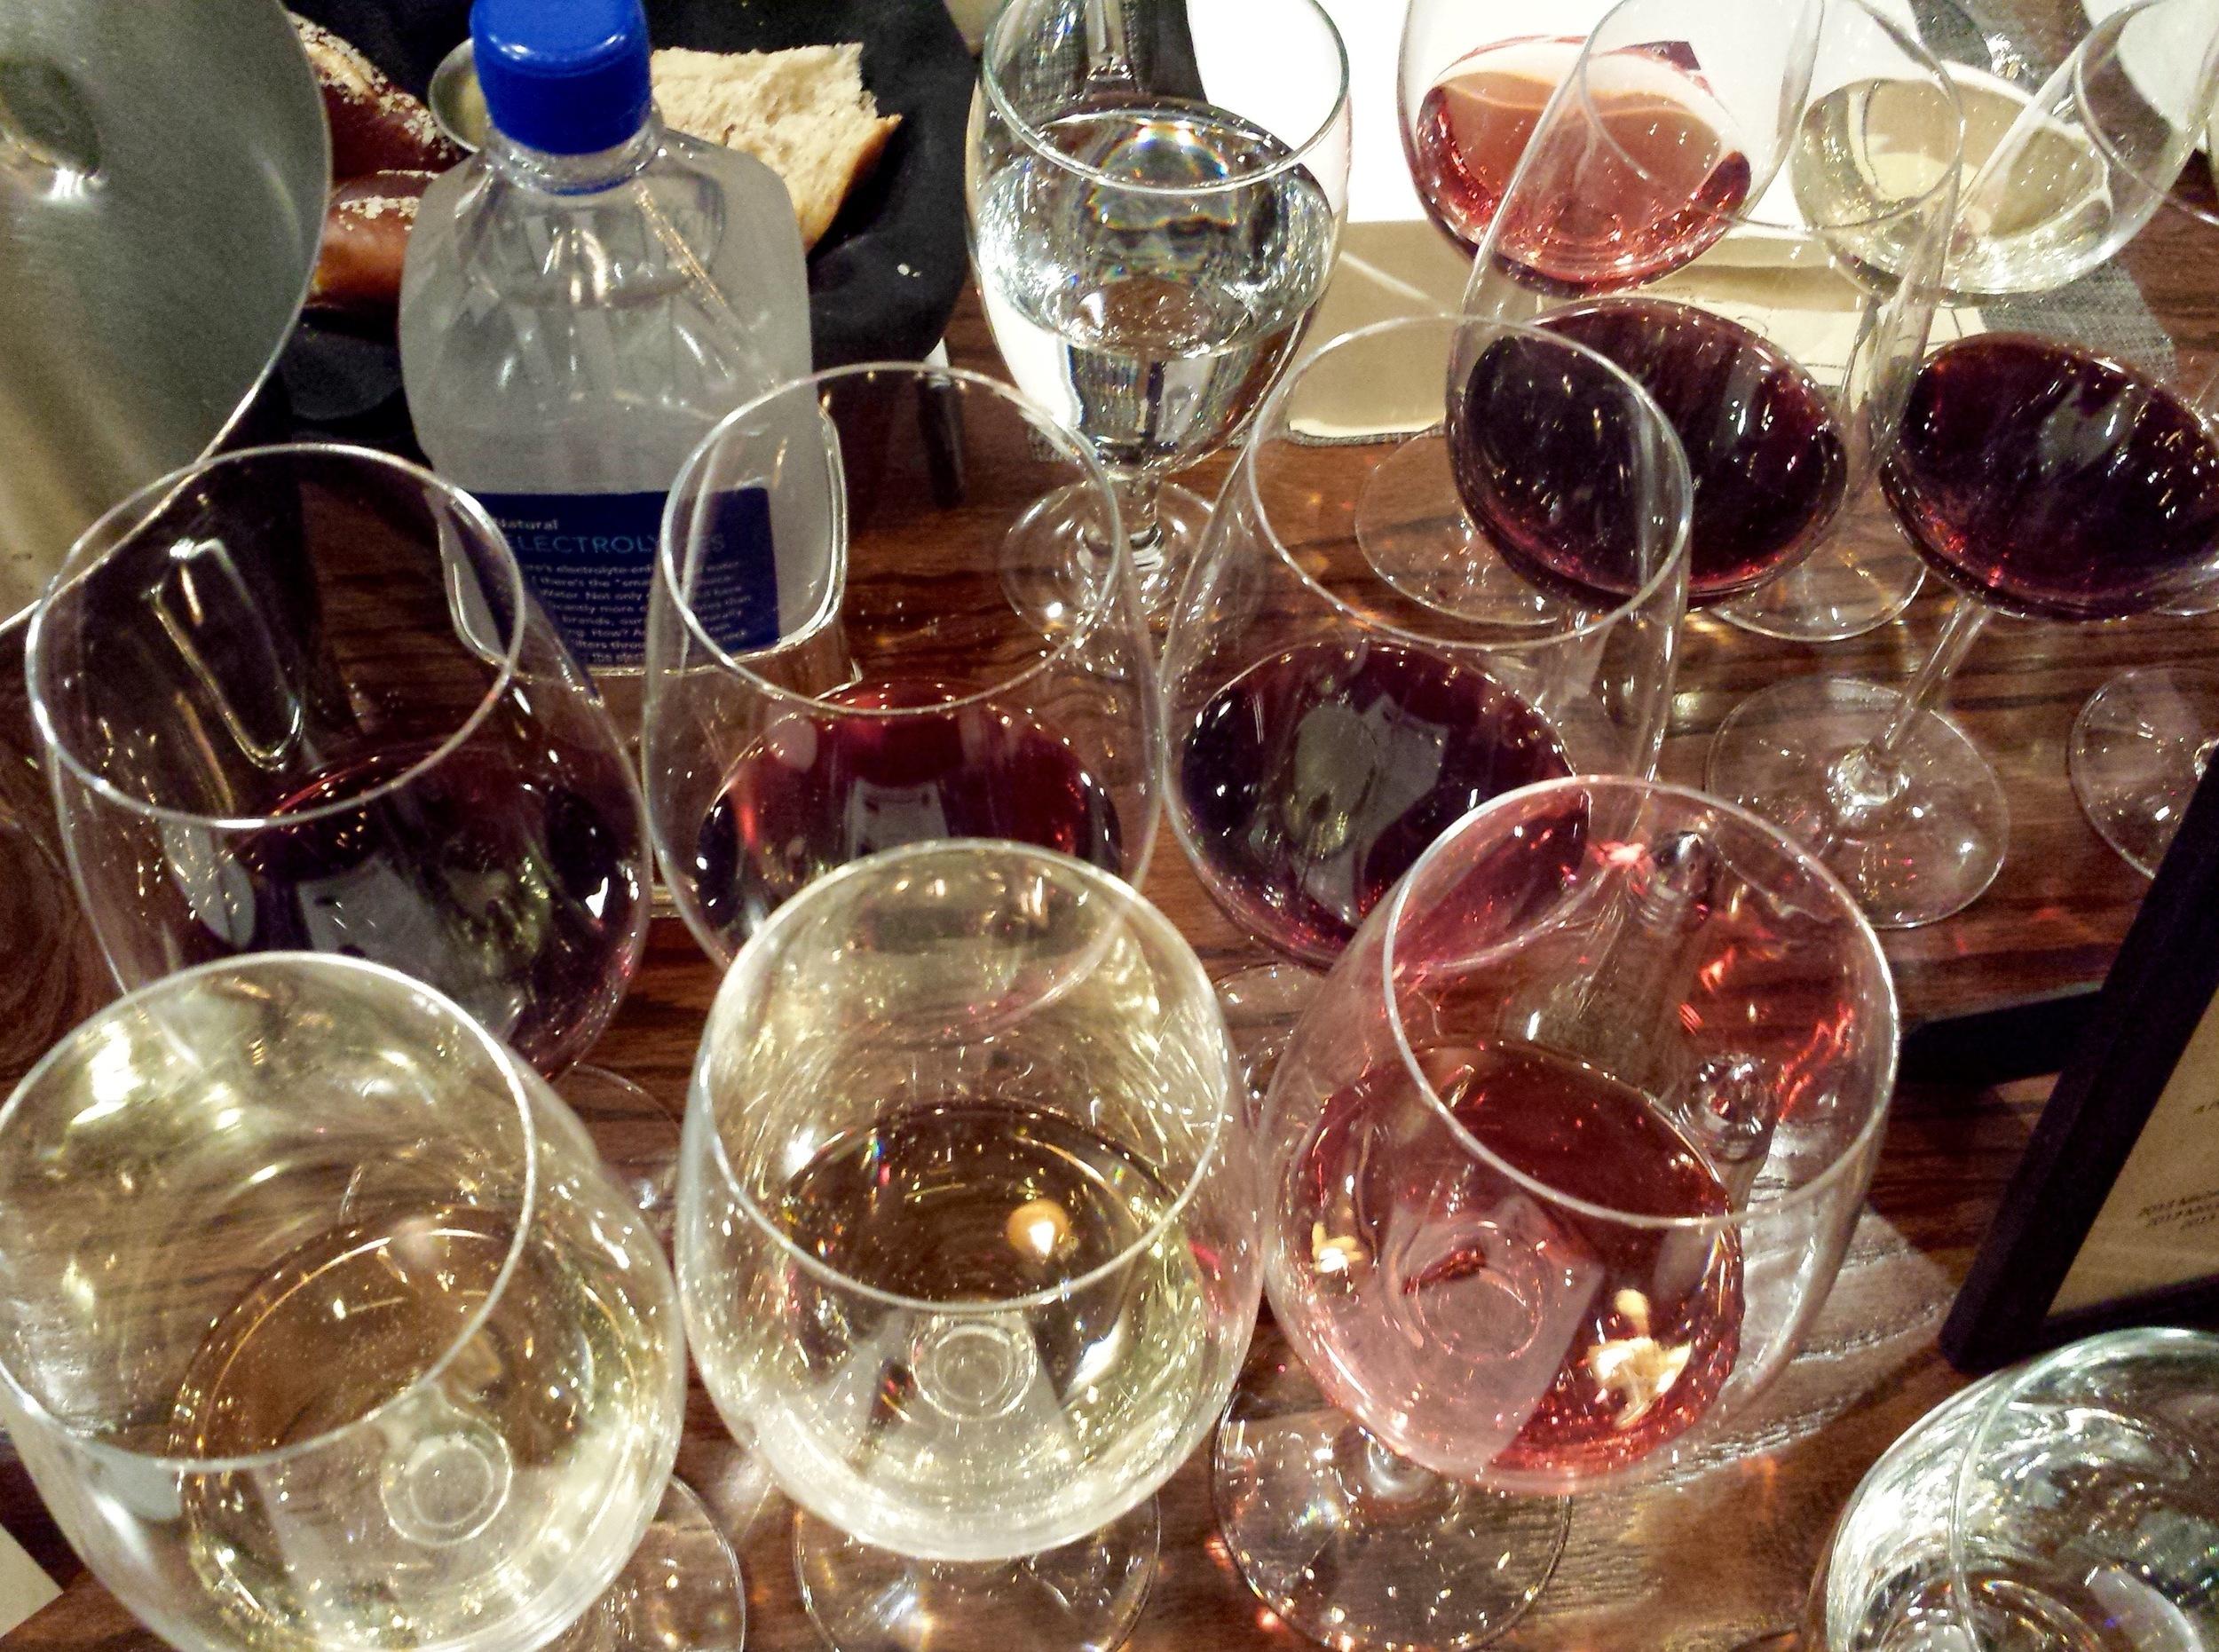 California's Lodi Wine